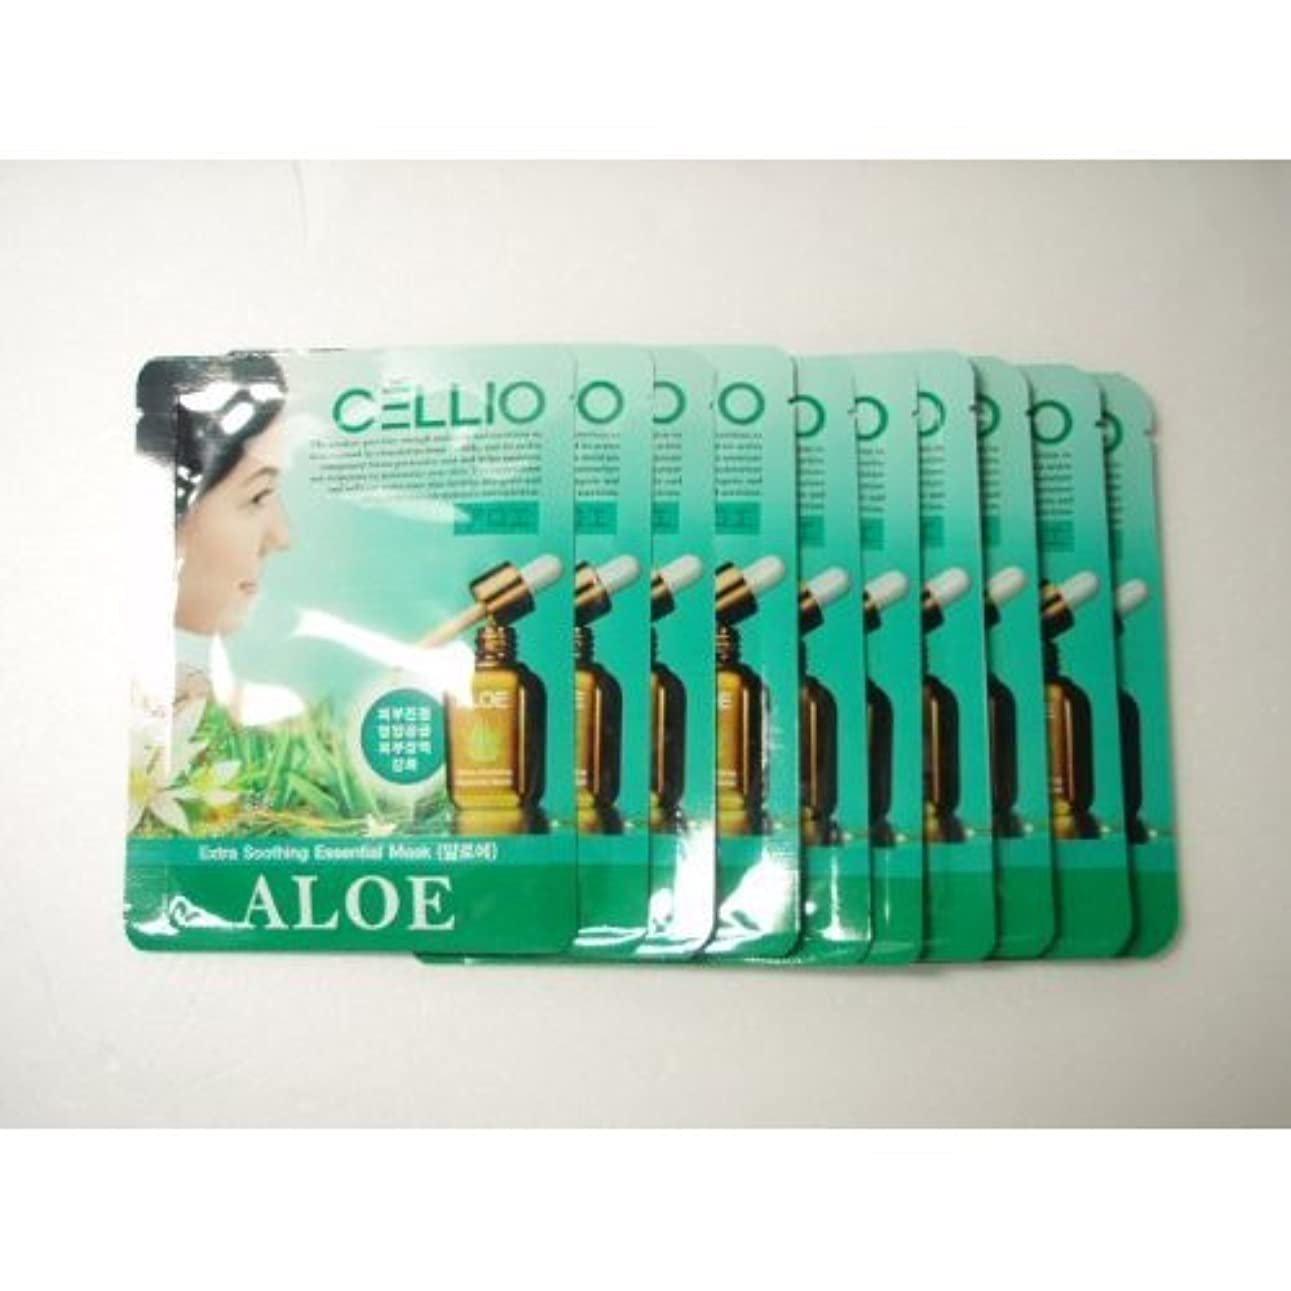 傾斜ペレット一時的Cellio Extra Soothing Essential Mask_Aloe_10 sheets